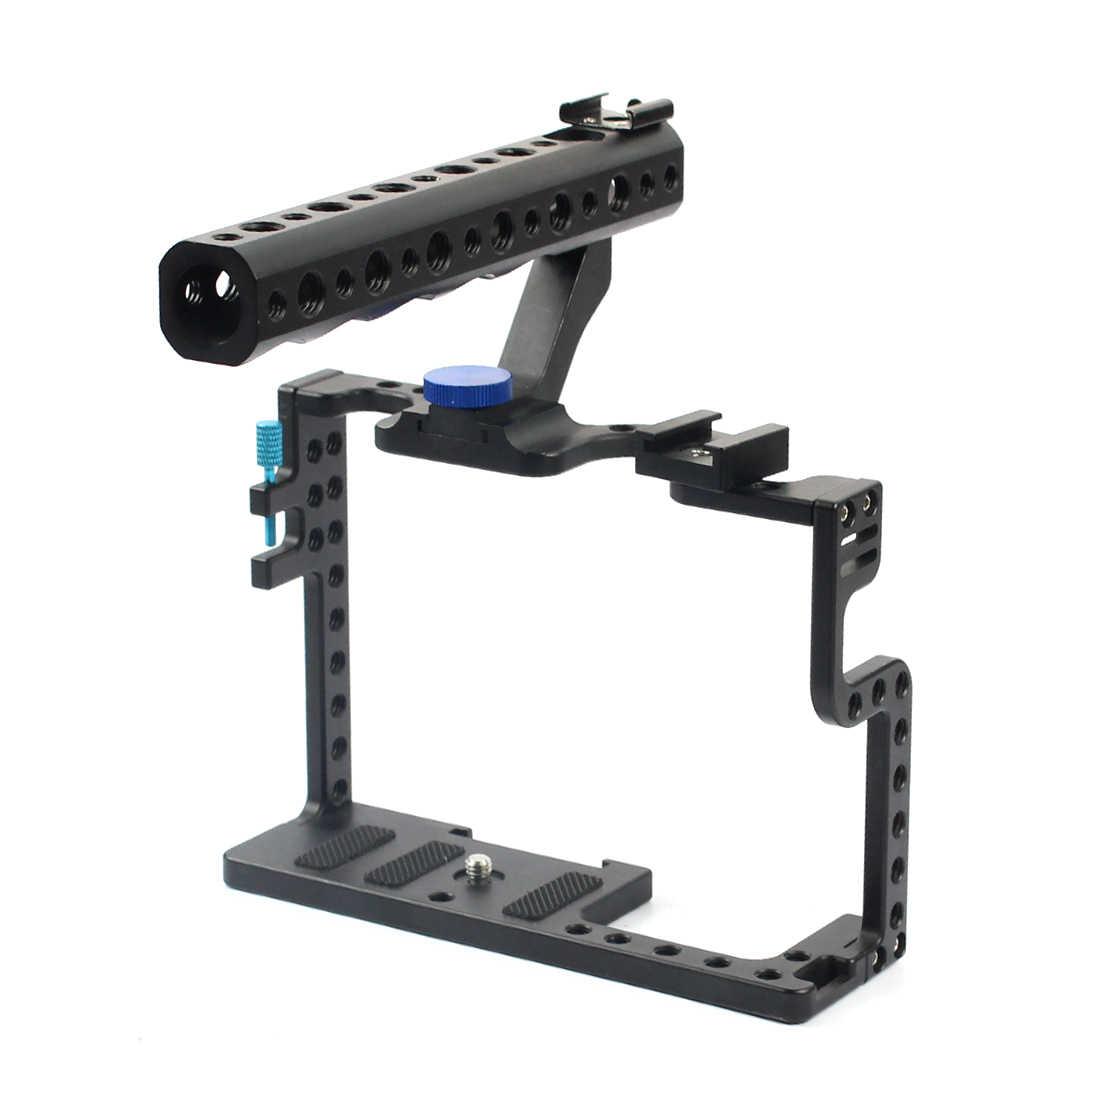 Bgning Camera Lồng Bảo Vệ Gắn Với Tay Cầm Cho Máy Ảnh Panasonic Lumix GH5 Camera Chụp Ảnh Phòng Thu Bộ Phụ Kiện